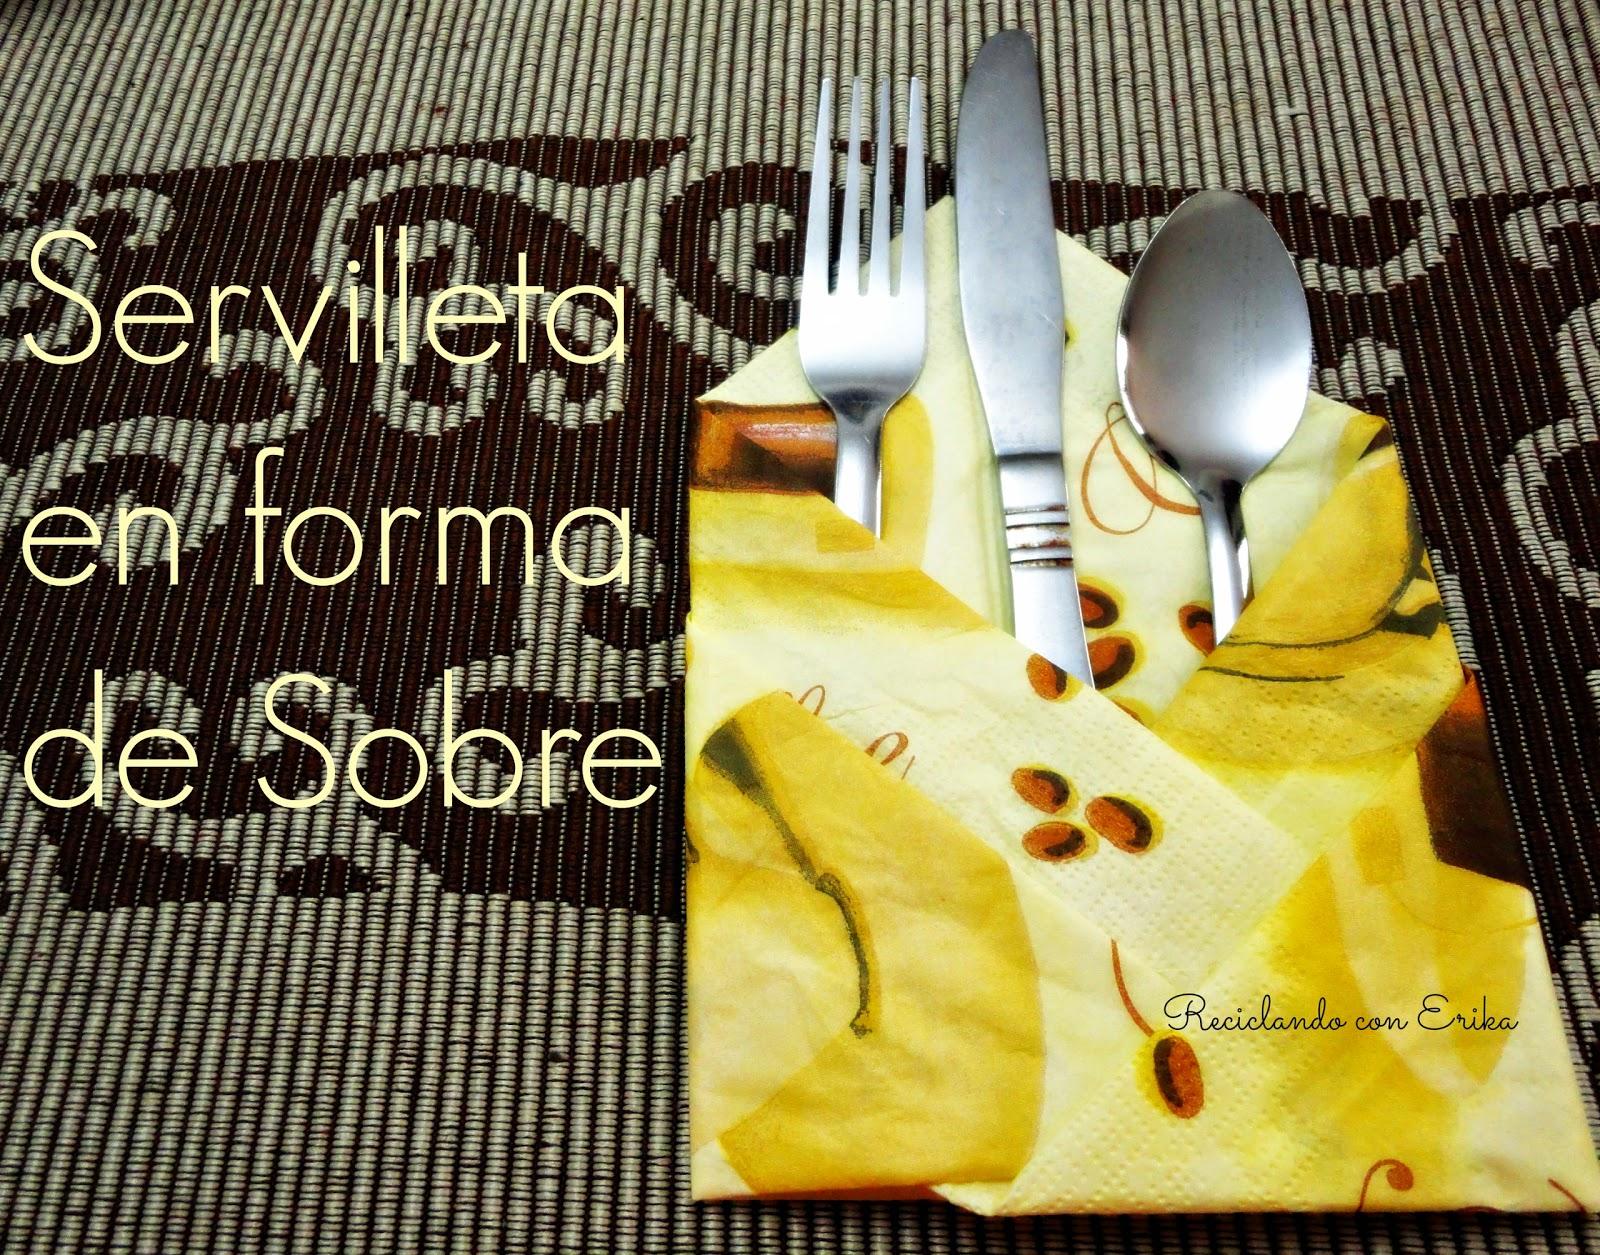 http://3.bp.blogspot.com/-8TGDMVgkZkg/VIB_4qz9bxI/AAAAAAAACO8/qFx2EOHbZ_o/s1600/DSC03172.JPG